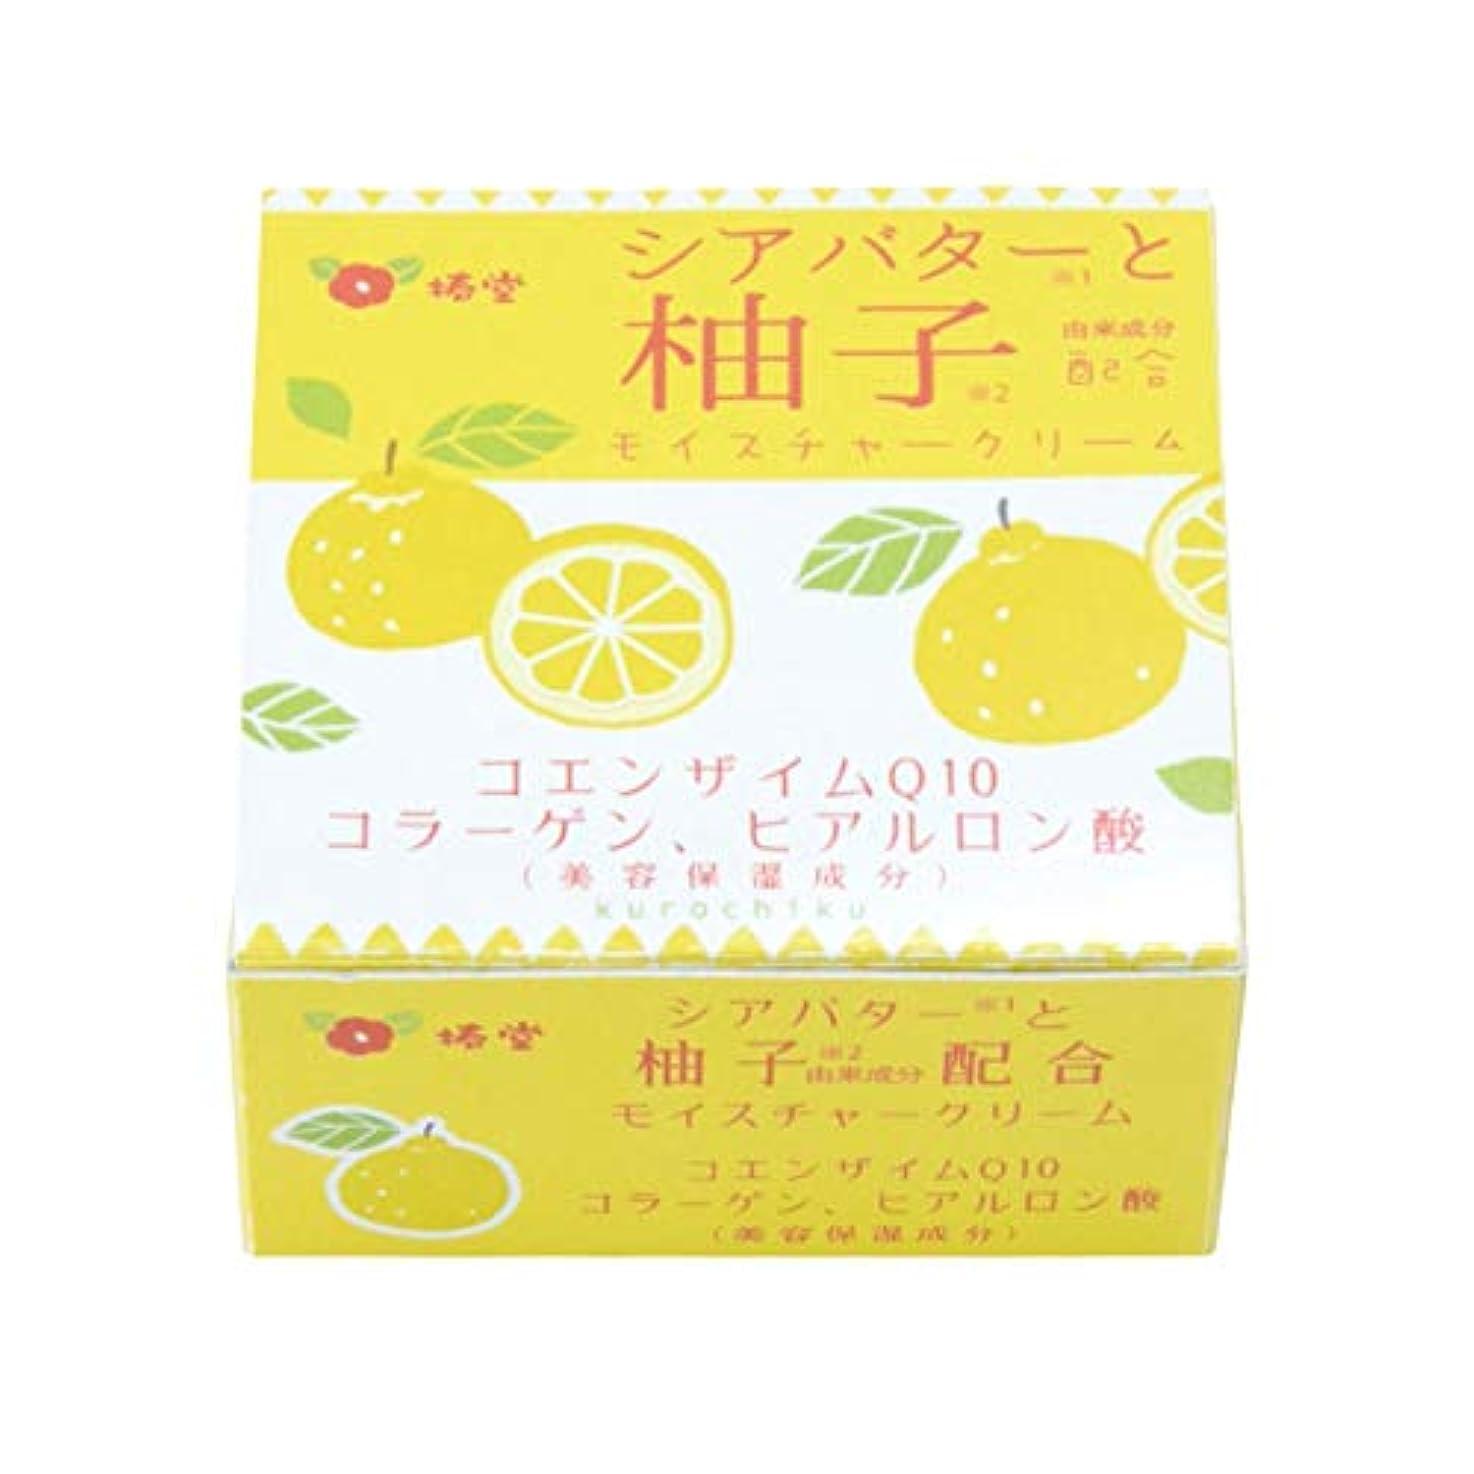 車またはどちらか適合椿堂 柚子モイスチャークリーム (シアバターと柚子) 京都くろちく